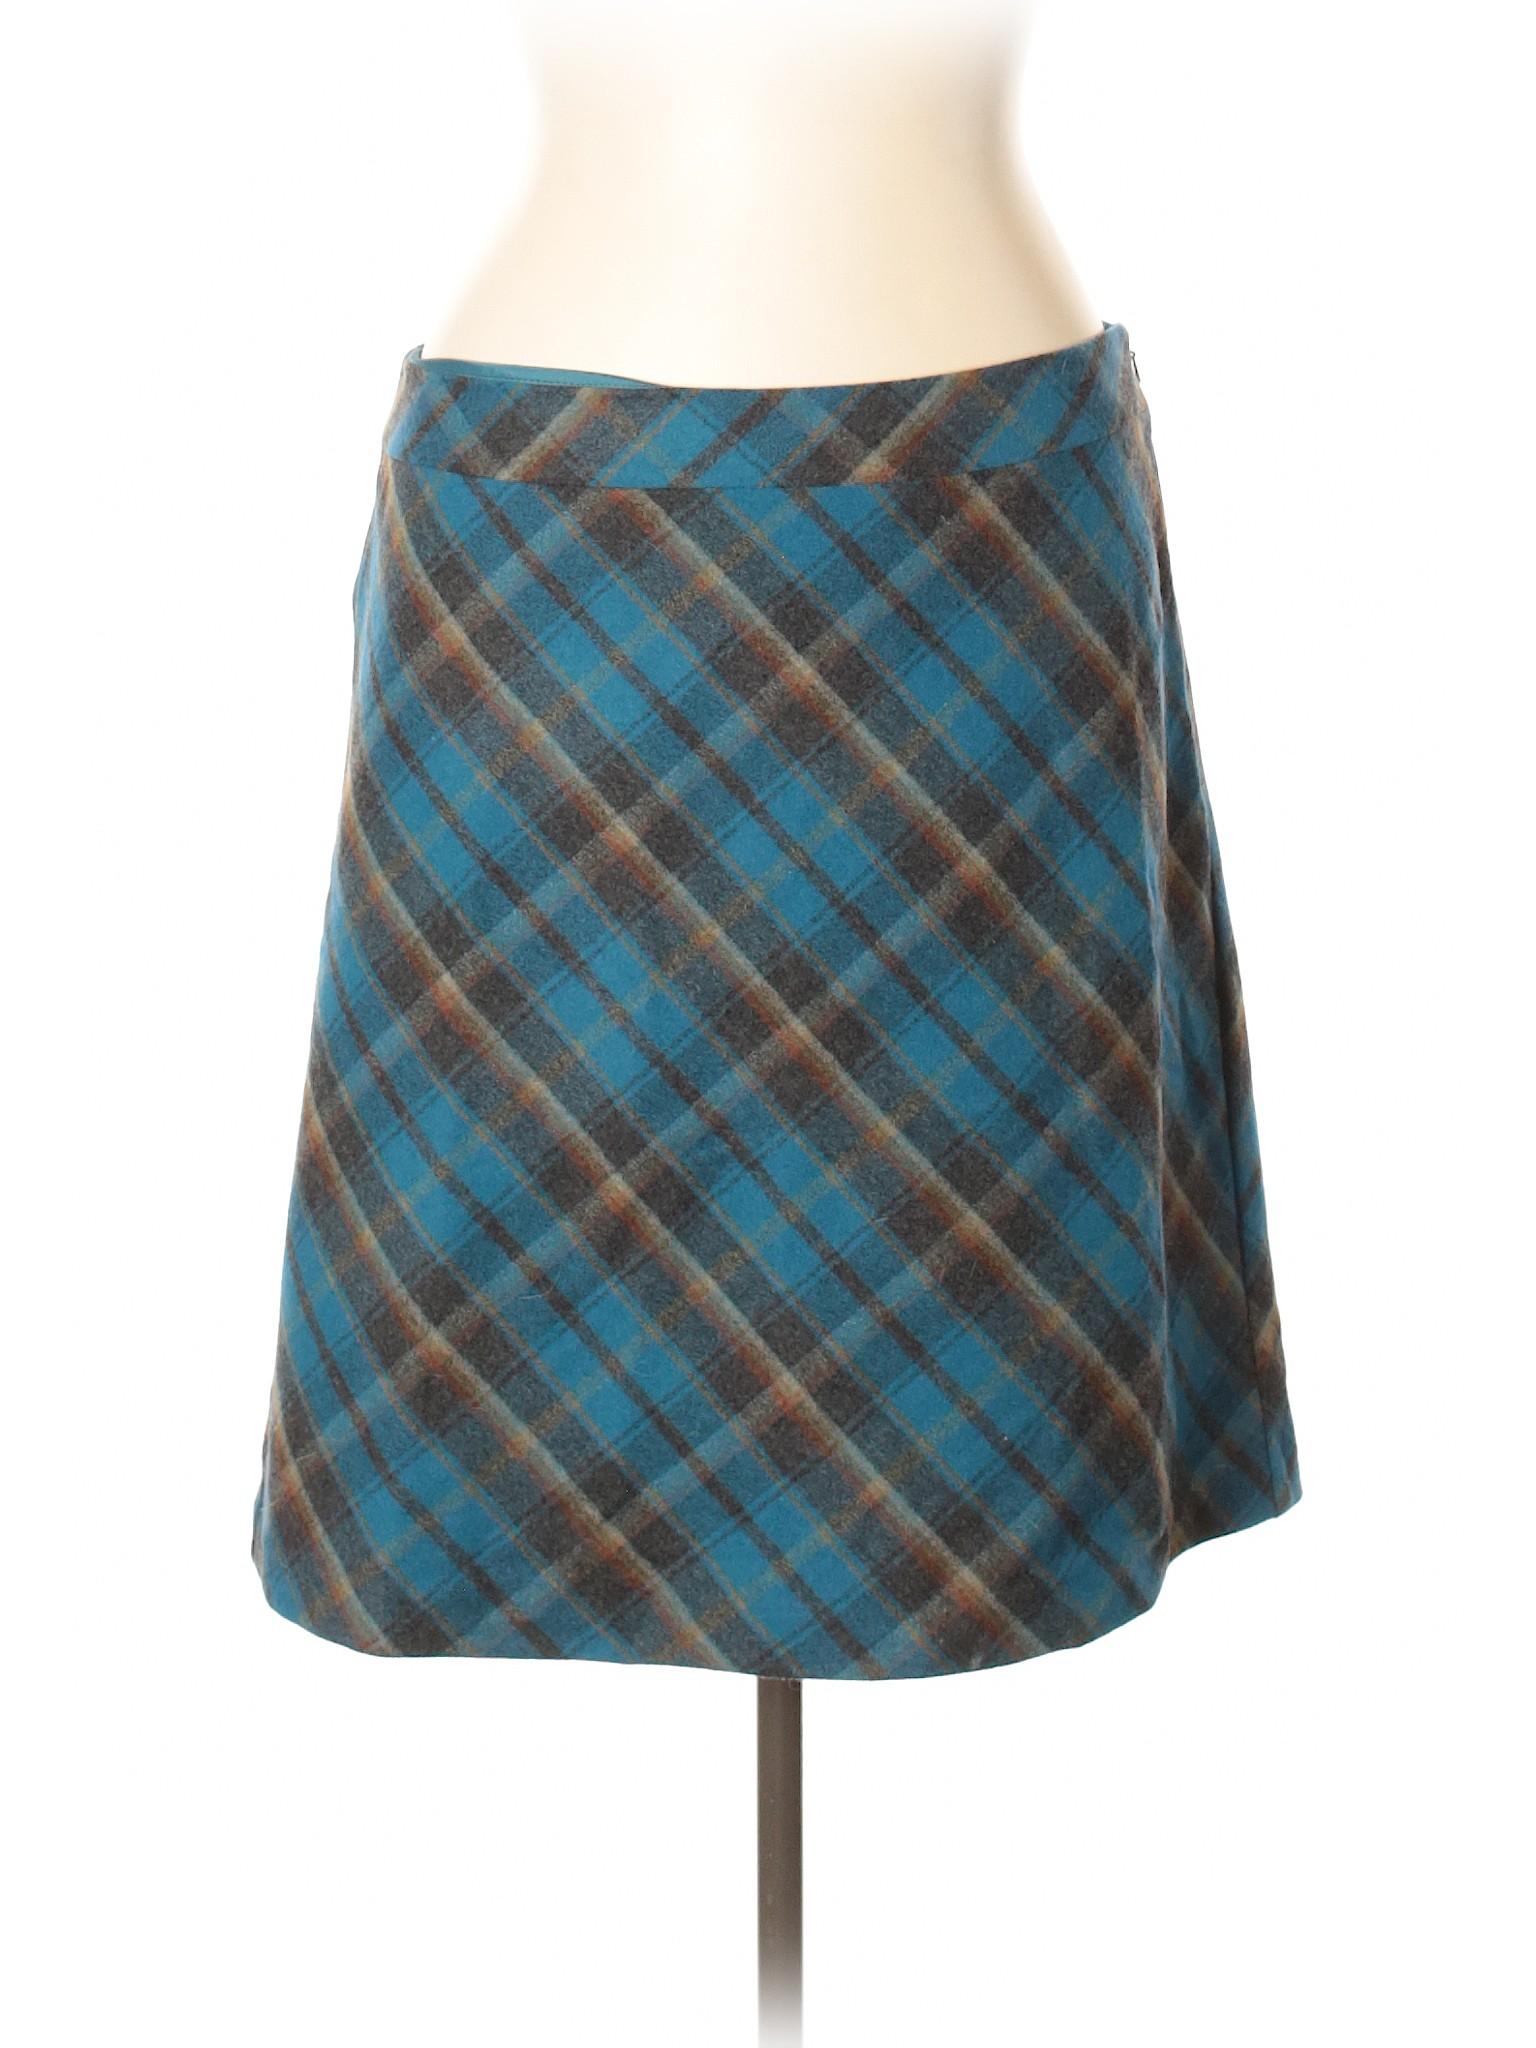 Wool Wool Boutique Skirt Wool Skirt Boutique Boutique Skirt FfqwnnxHaO